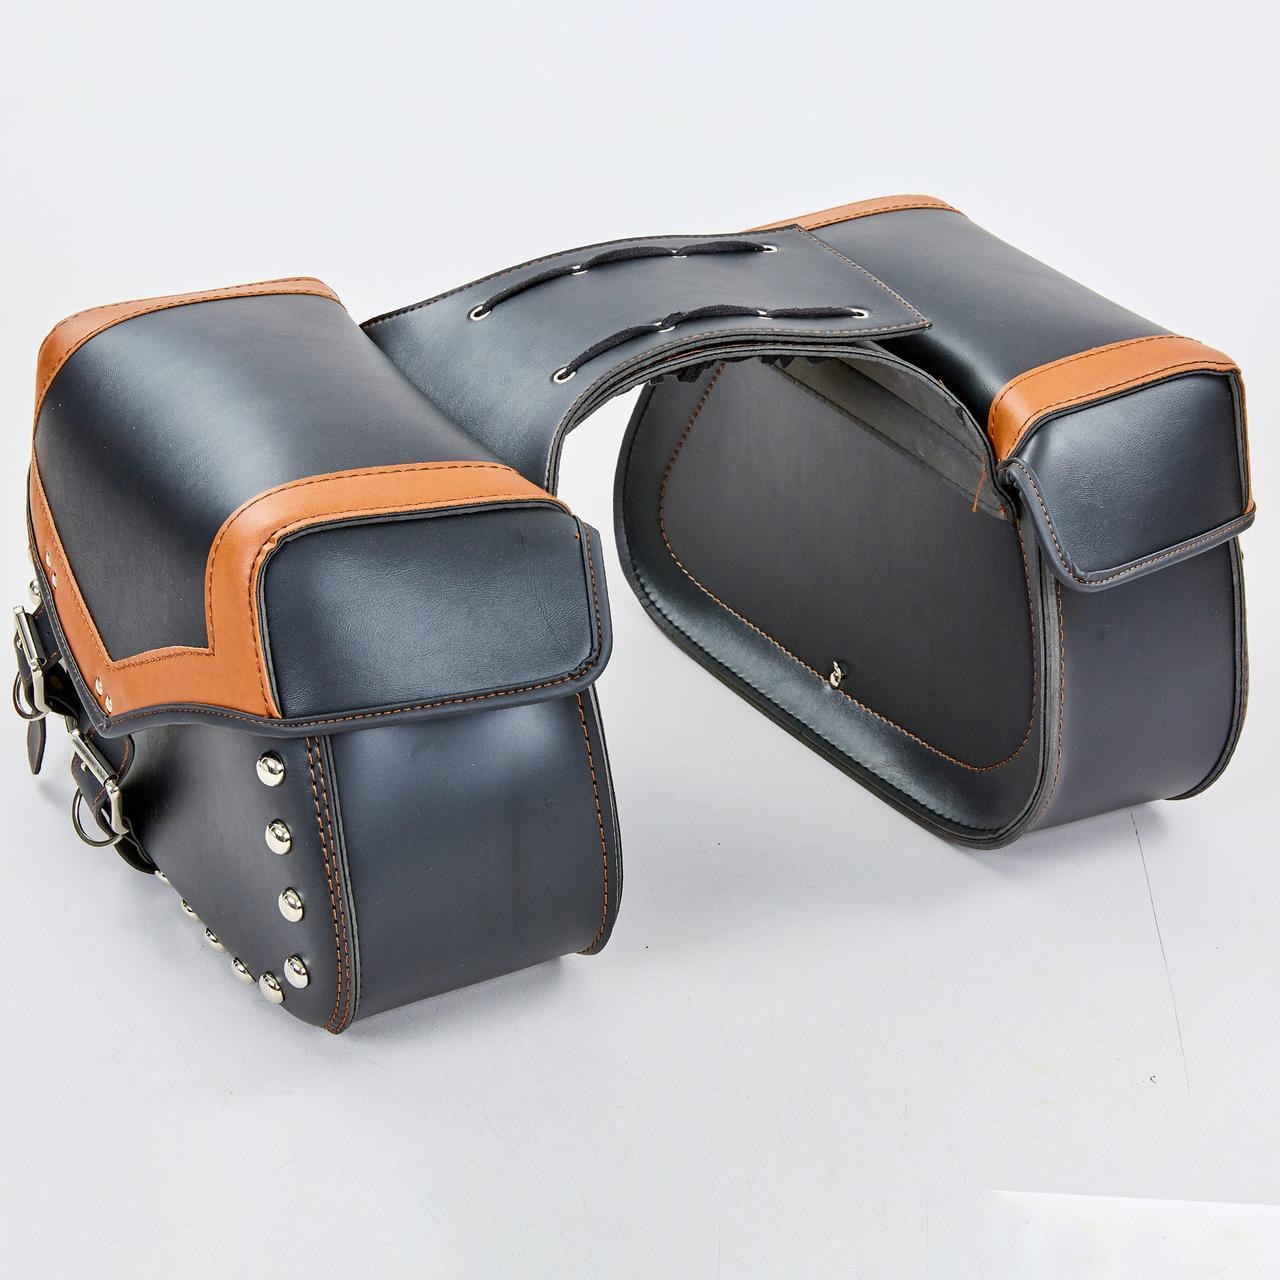 Мотосумка (2 кофра) H17 (PVC, р-р 49x31x15см, черный-оранжевый)